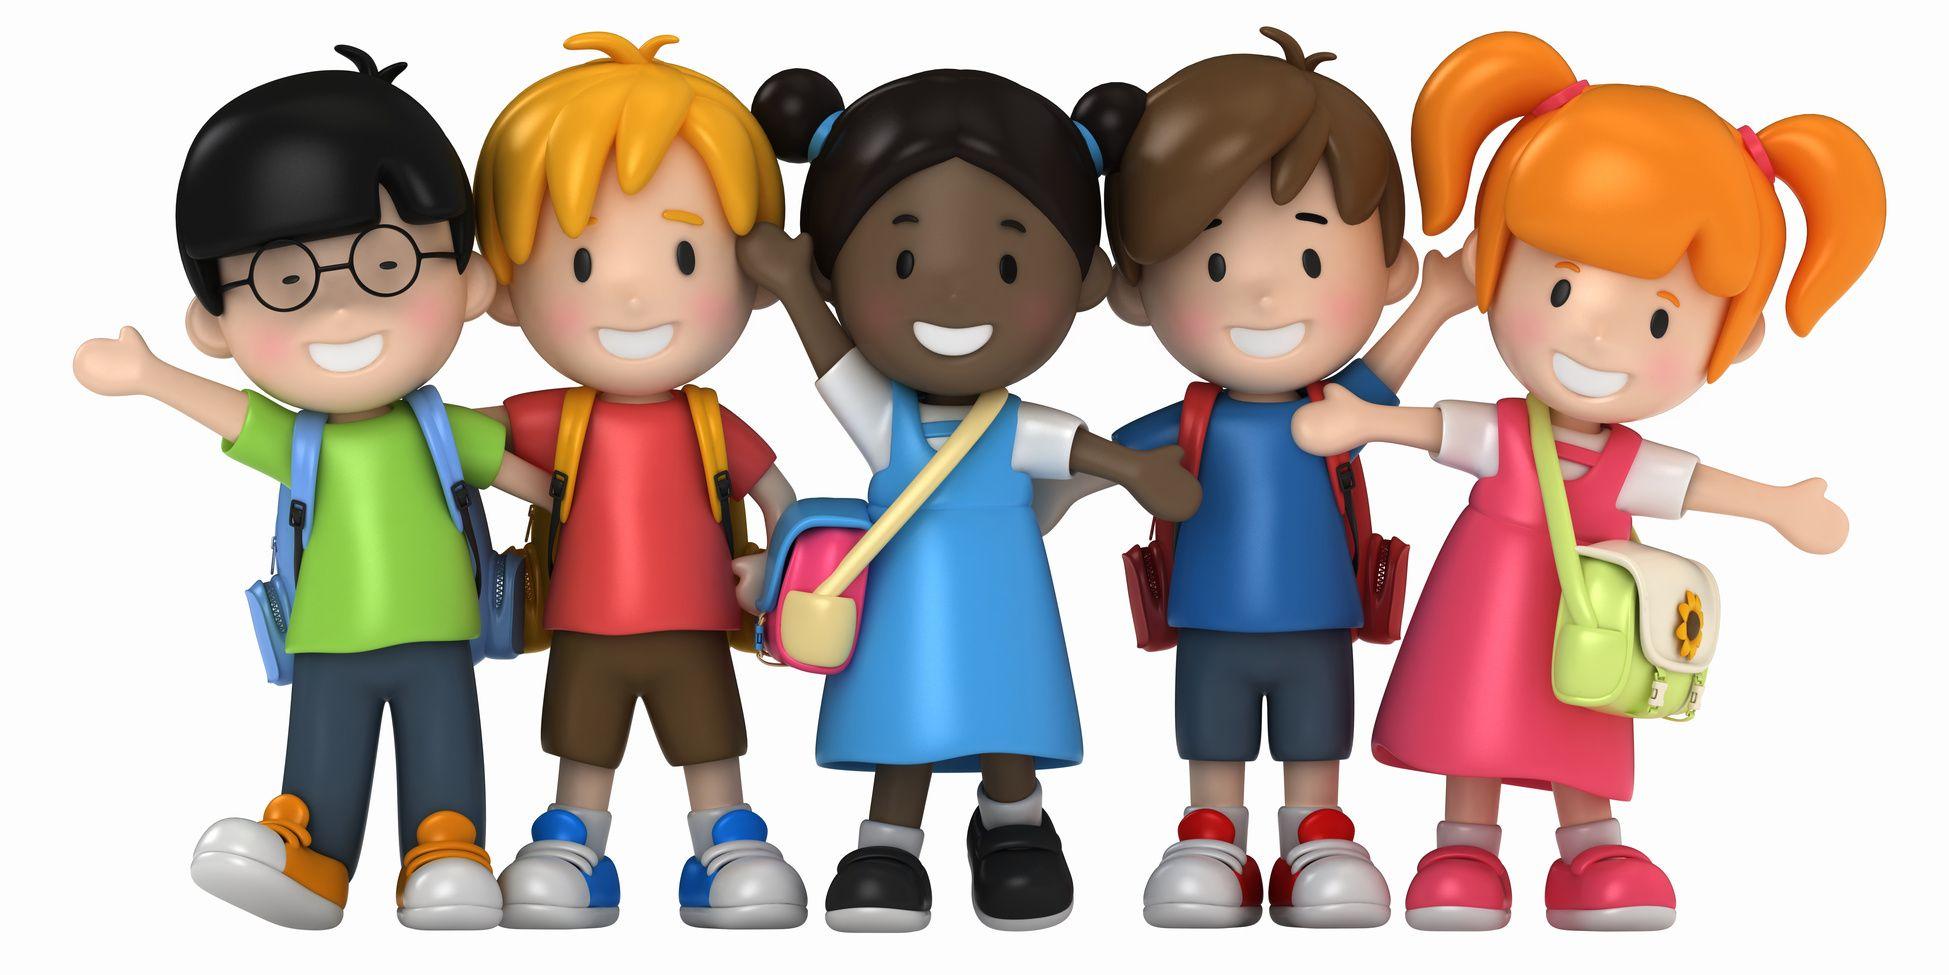 Top10 des meilleures applications enfant de l 39 ann e 2013 enfants children pinterest - Dessin groupe d enfants ...